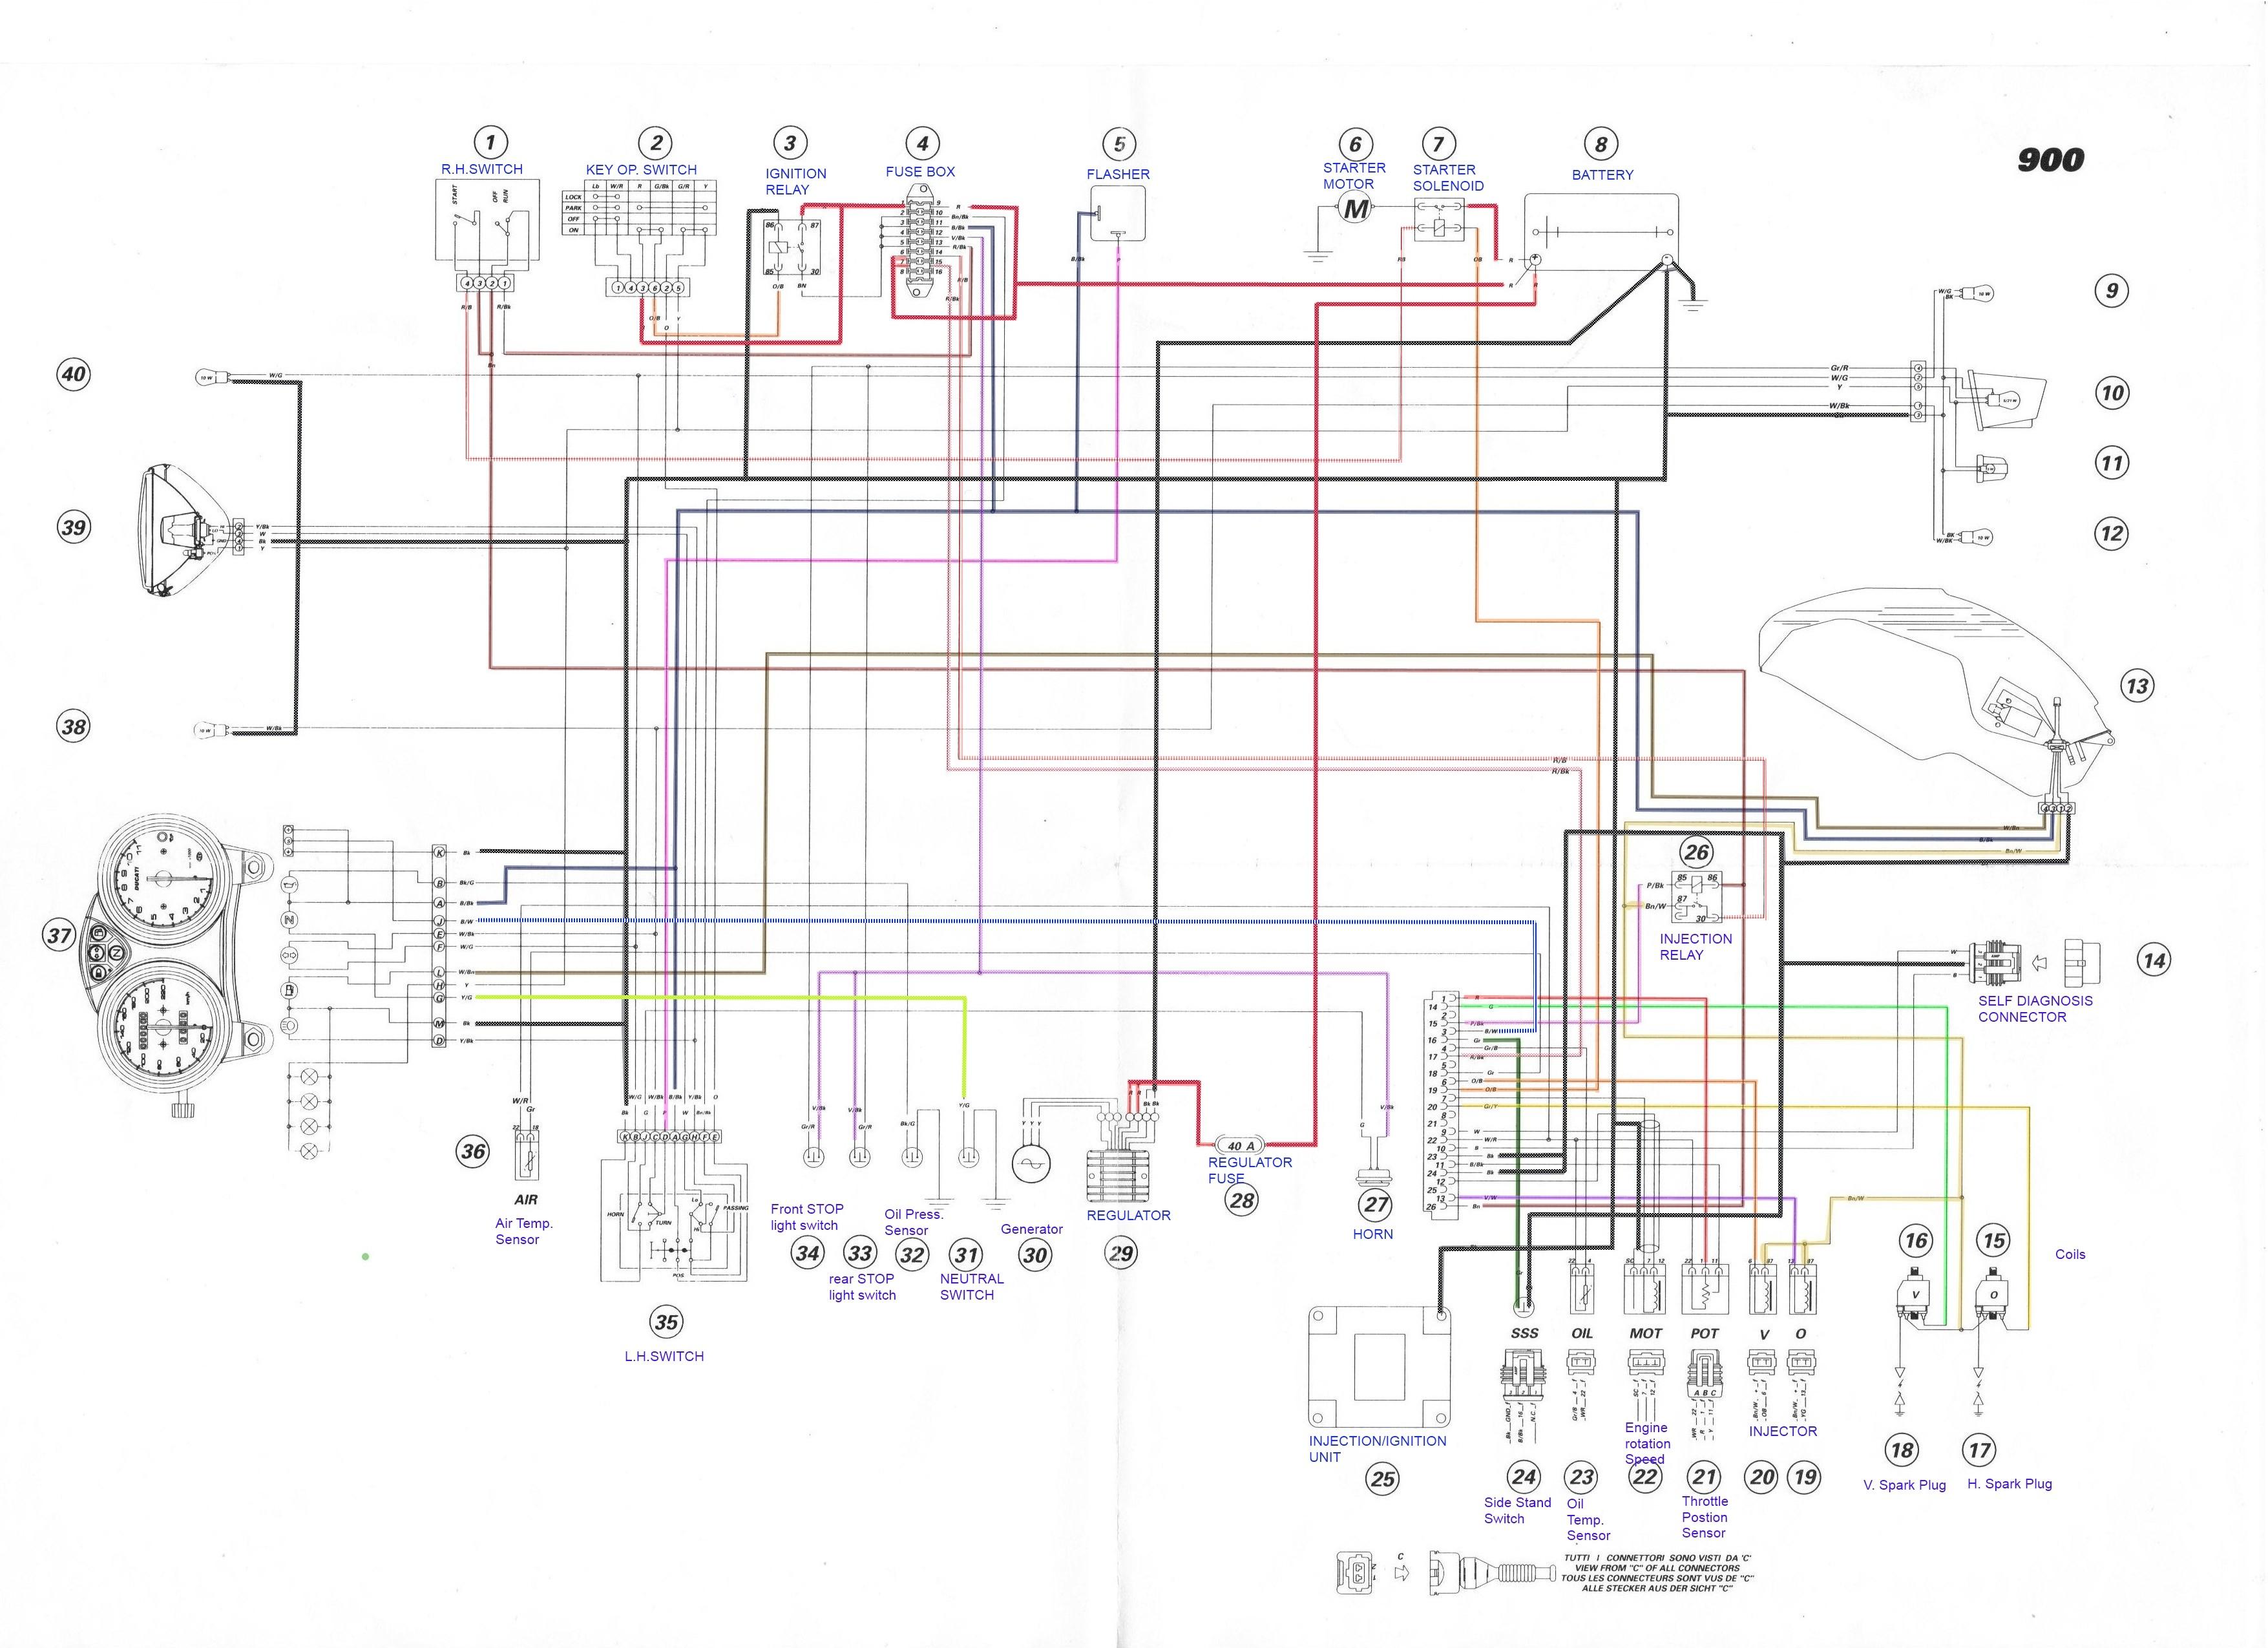 Ducati 160 wiring diagram wiring diagram 2004 ducati 1000 ds ducati 999 wiring diagram wiring diagrams clicks